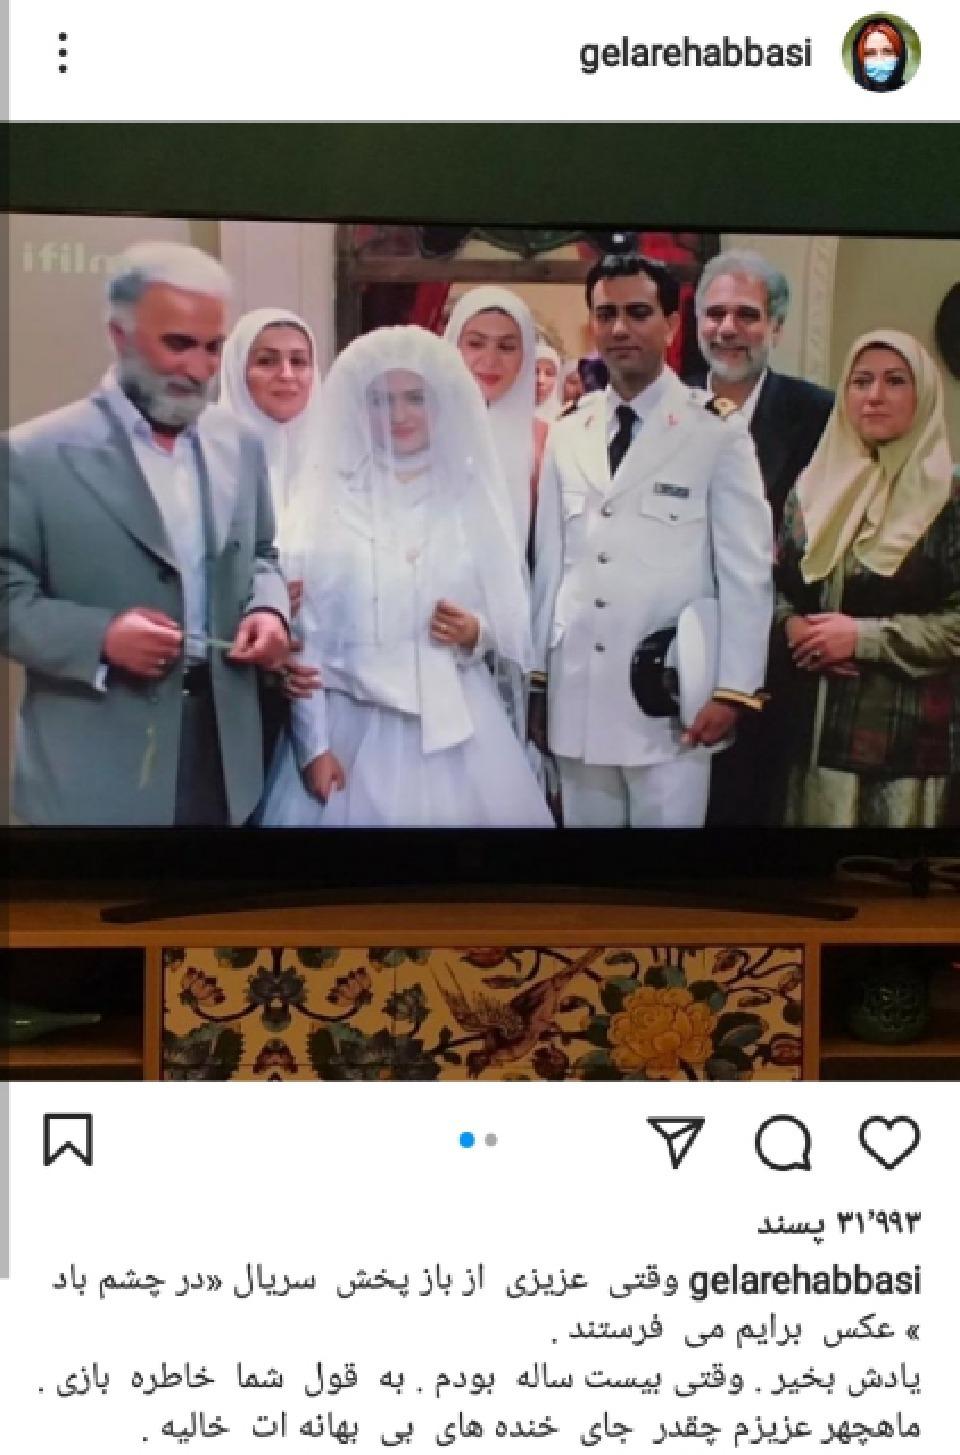 گلاره عباسی در فیلم در چشم باد